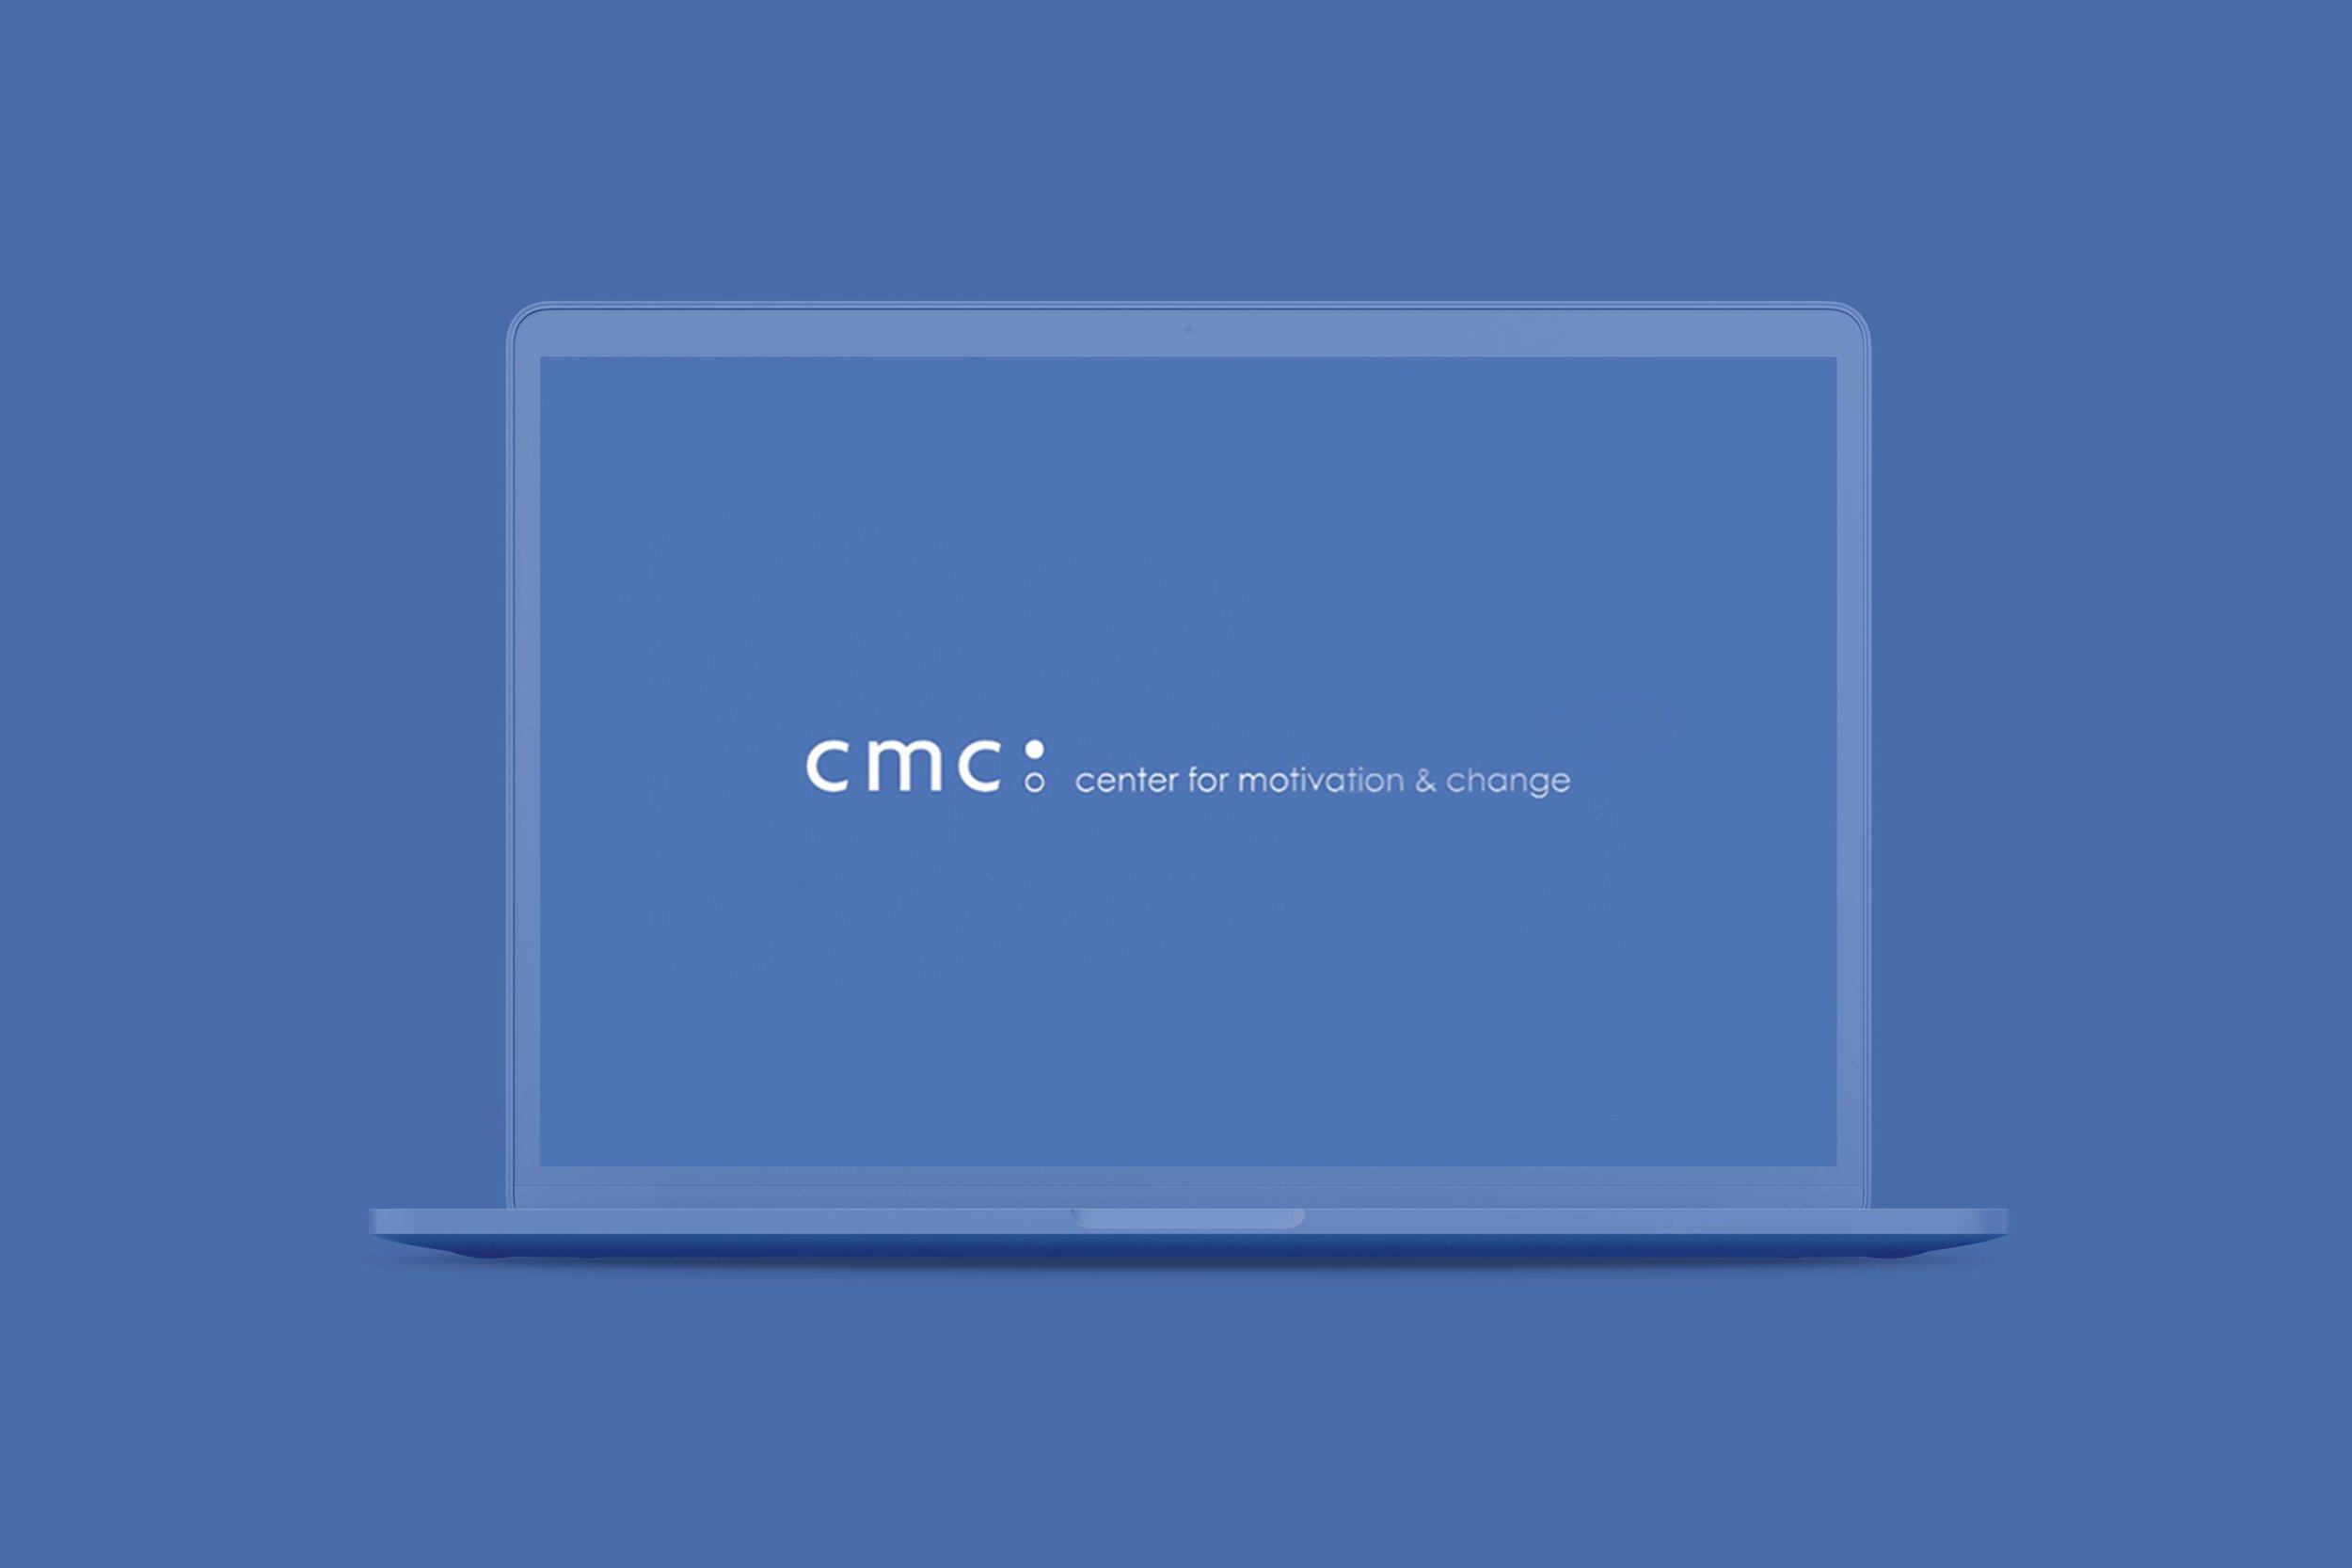 cmc-4.jpg